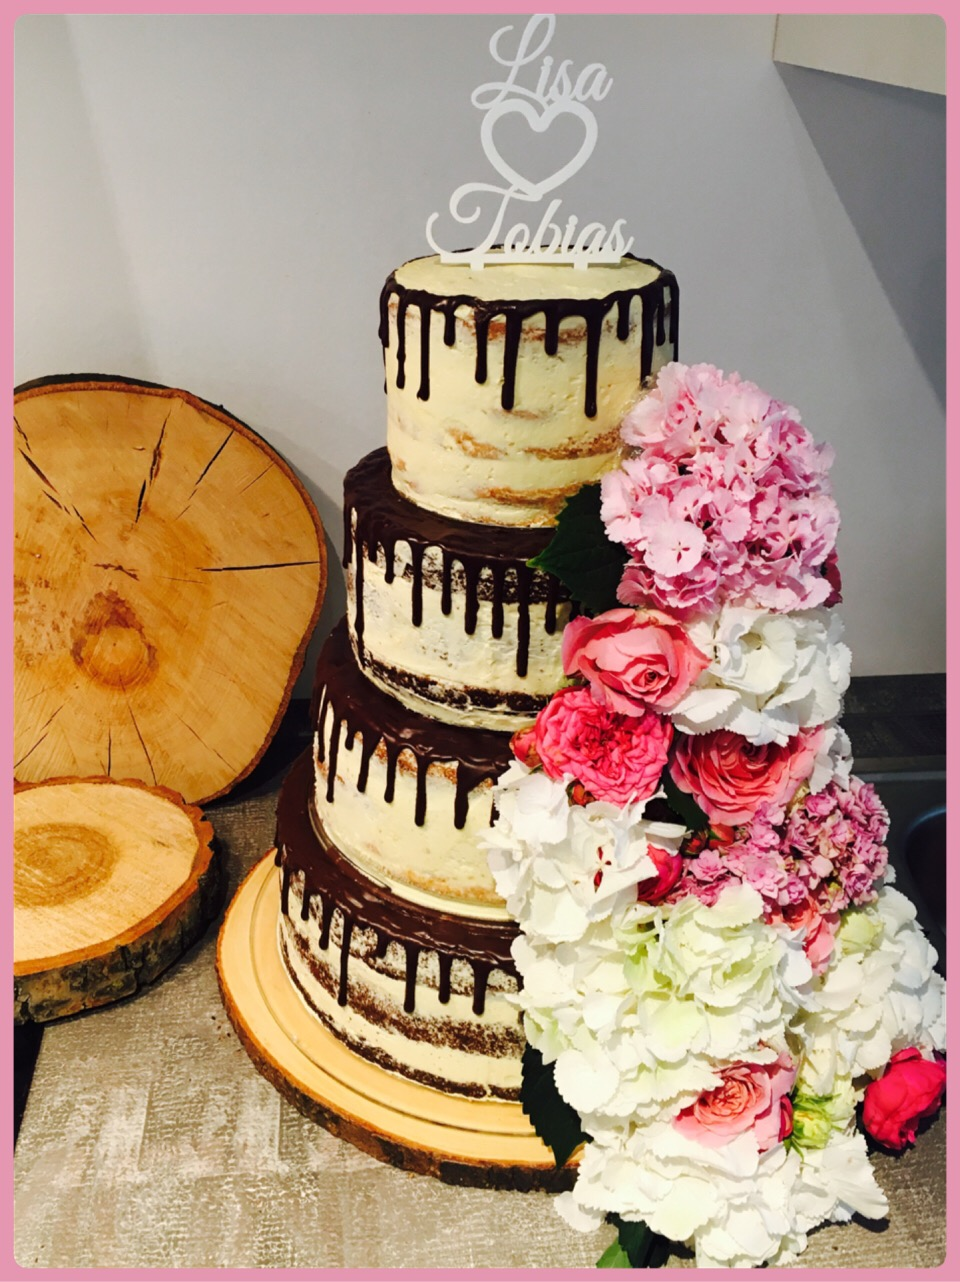 Naked Drip Cake Hochzeitstorte Fur Lisa Und Tobias Homemade By Kati